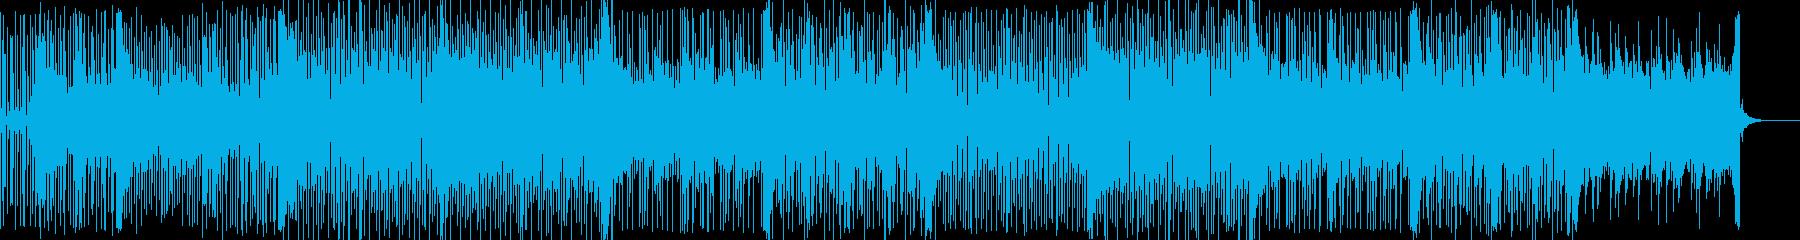 水の中に流れる清らかなメロディの再生済みの波形